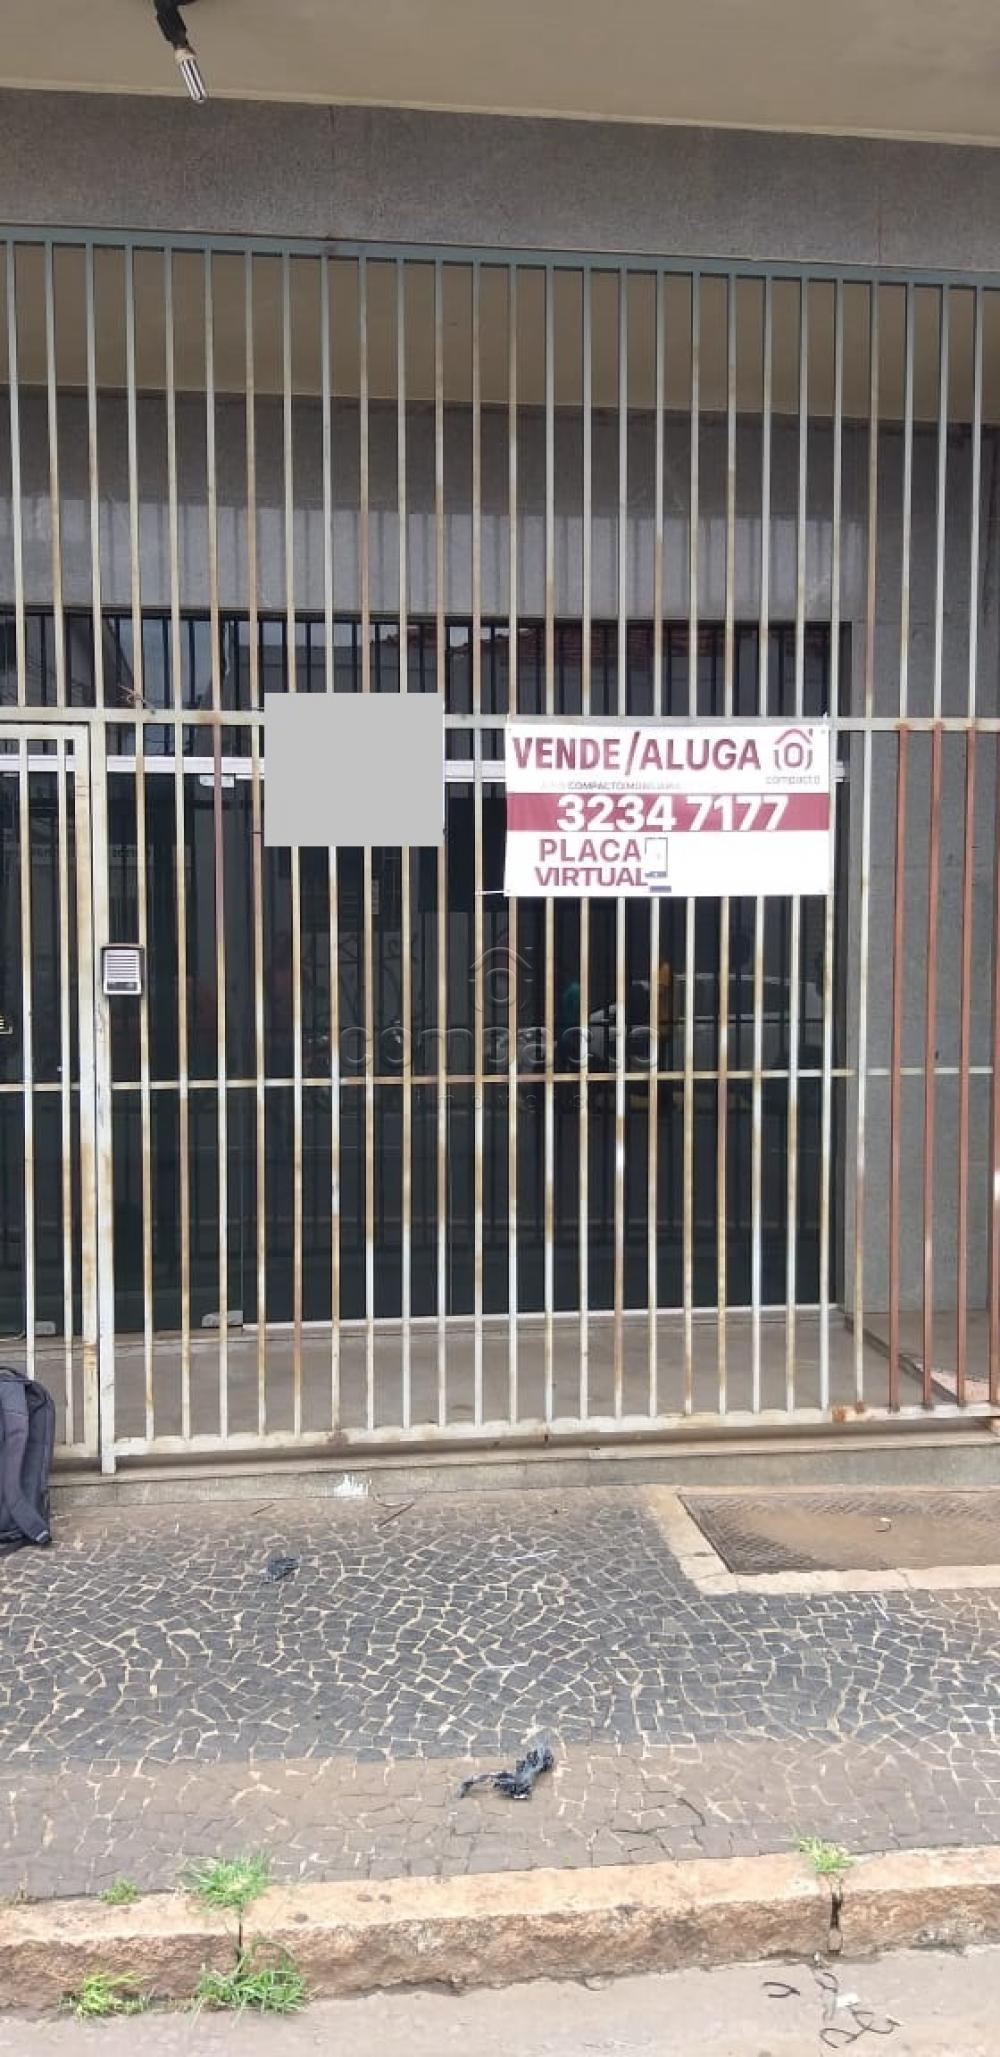 Alugar Comercial / Prédio em São José do Rio Preto apenas R$ 7.000,00 - Foto 3